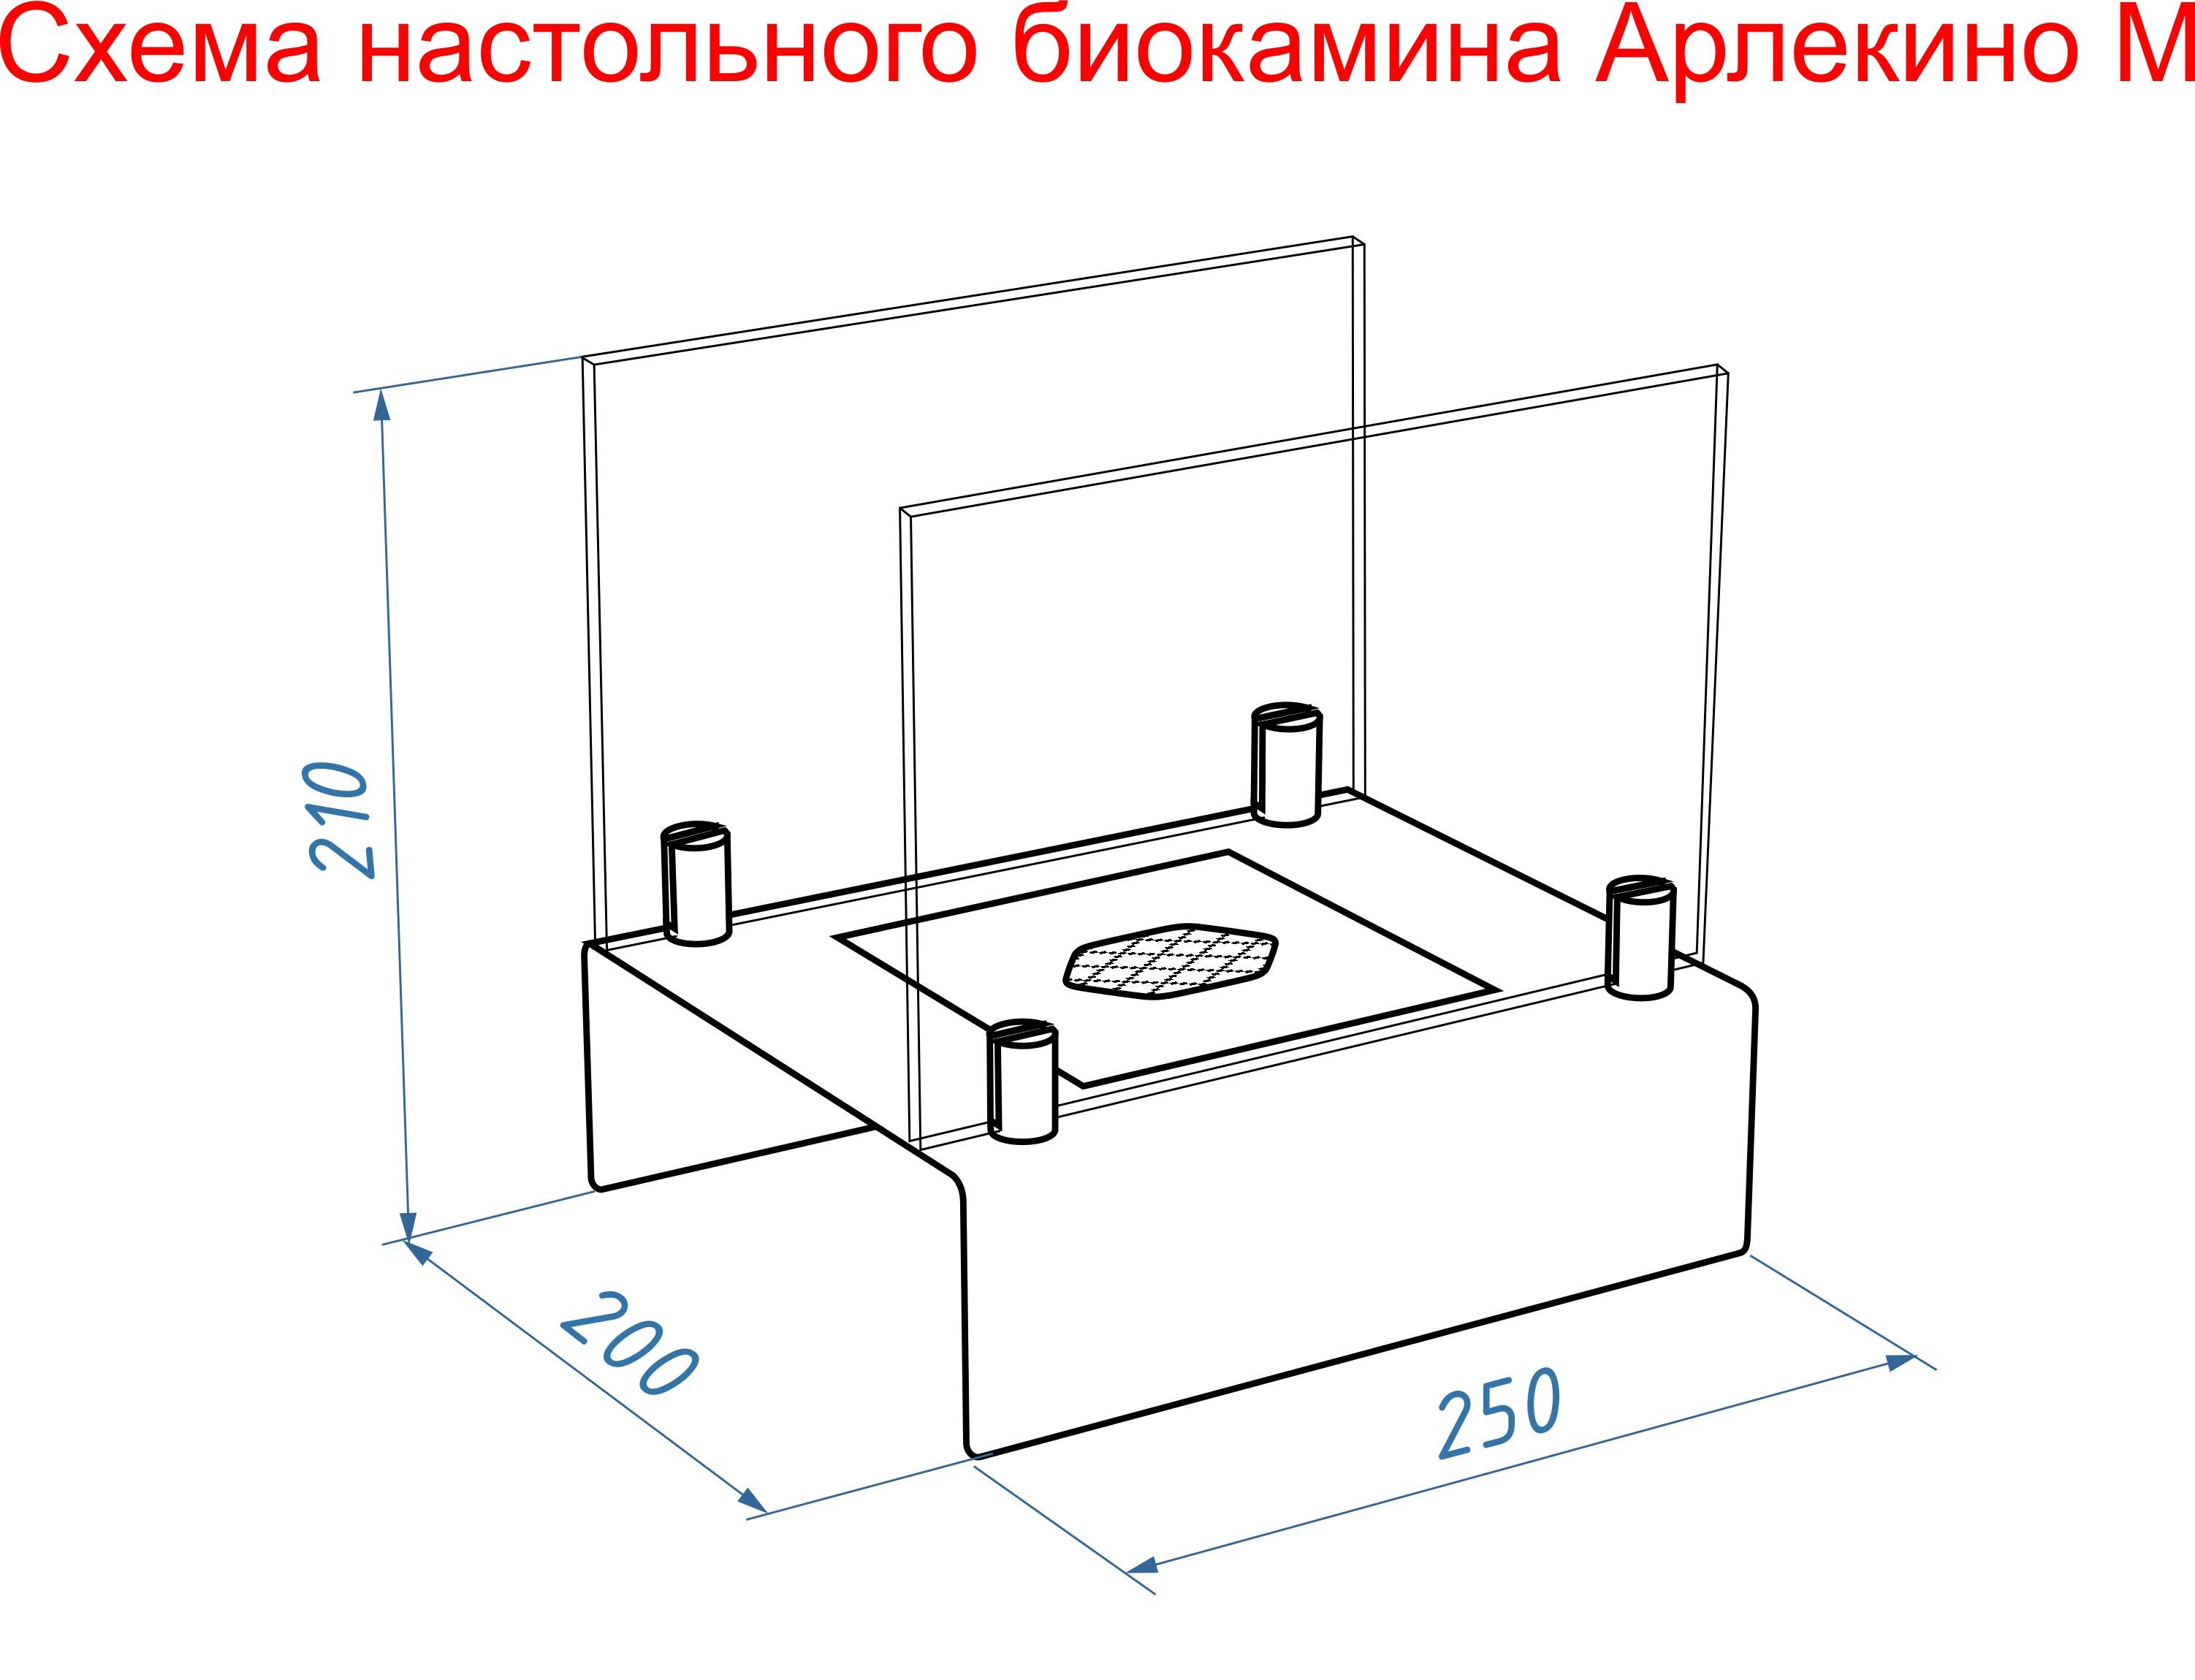 Биокамин своими руками: чертежи, пошаговая инструкция с фото